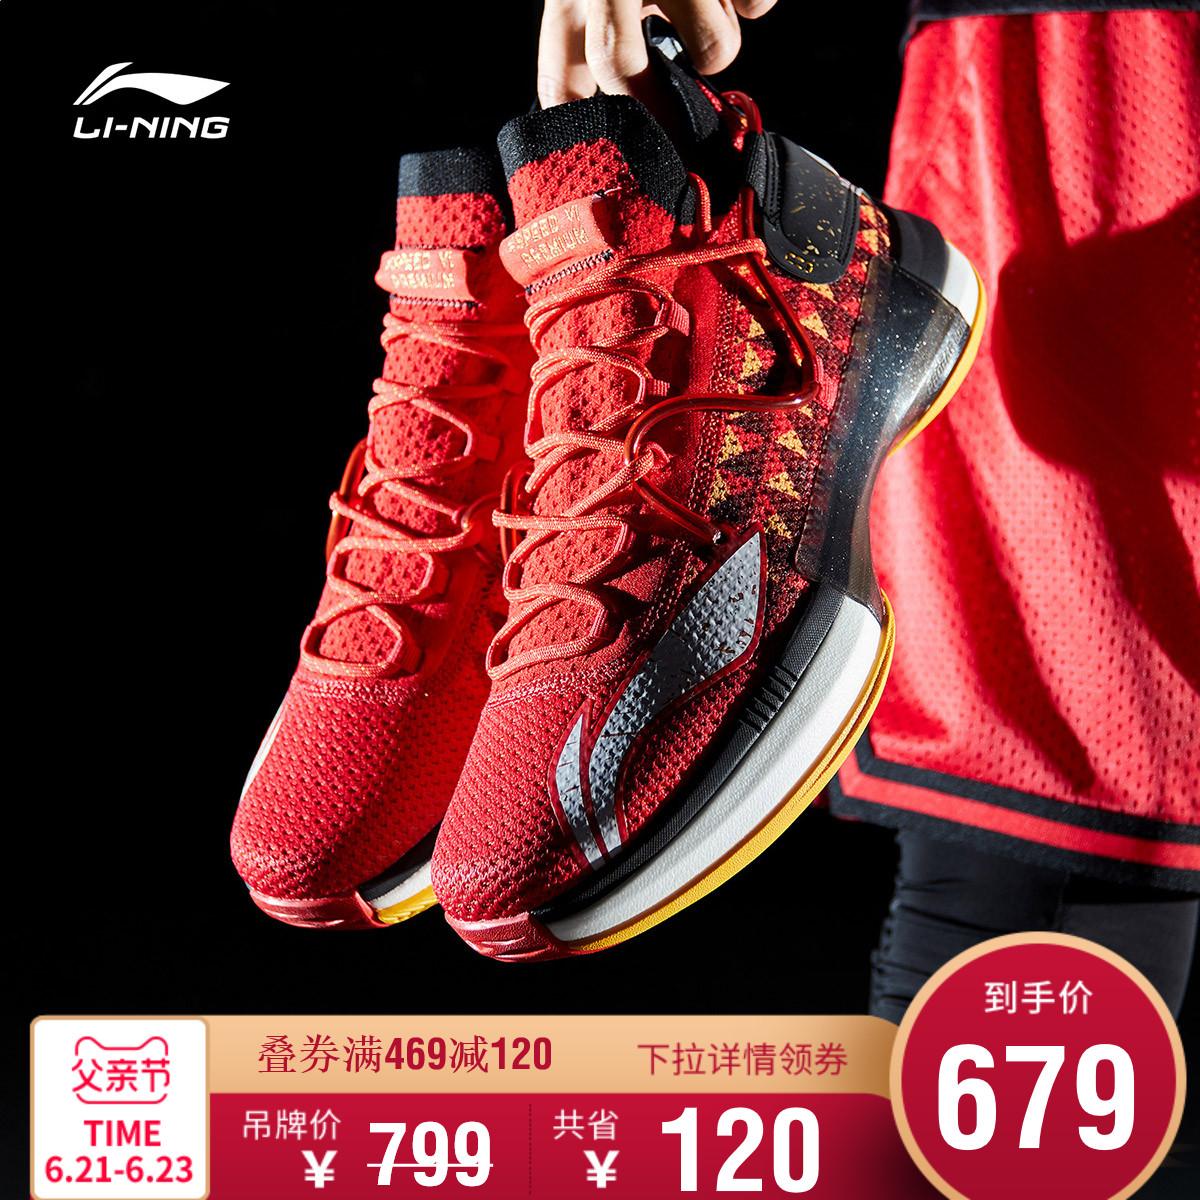 灵活中锋适合穿什么篮球鞋:适合中锋的篮球鞋